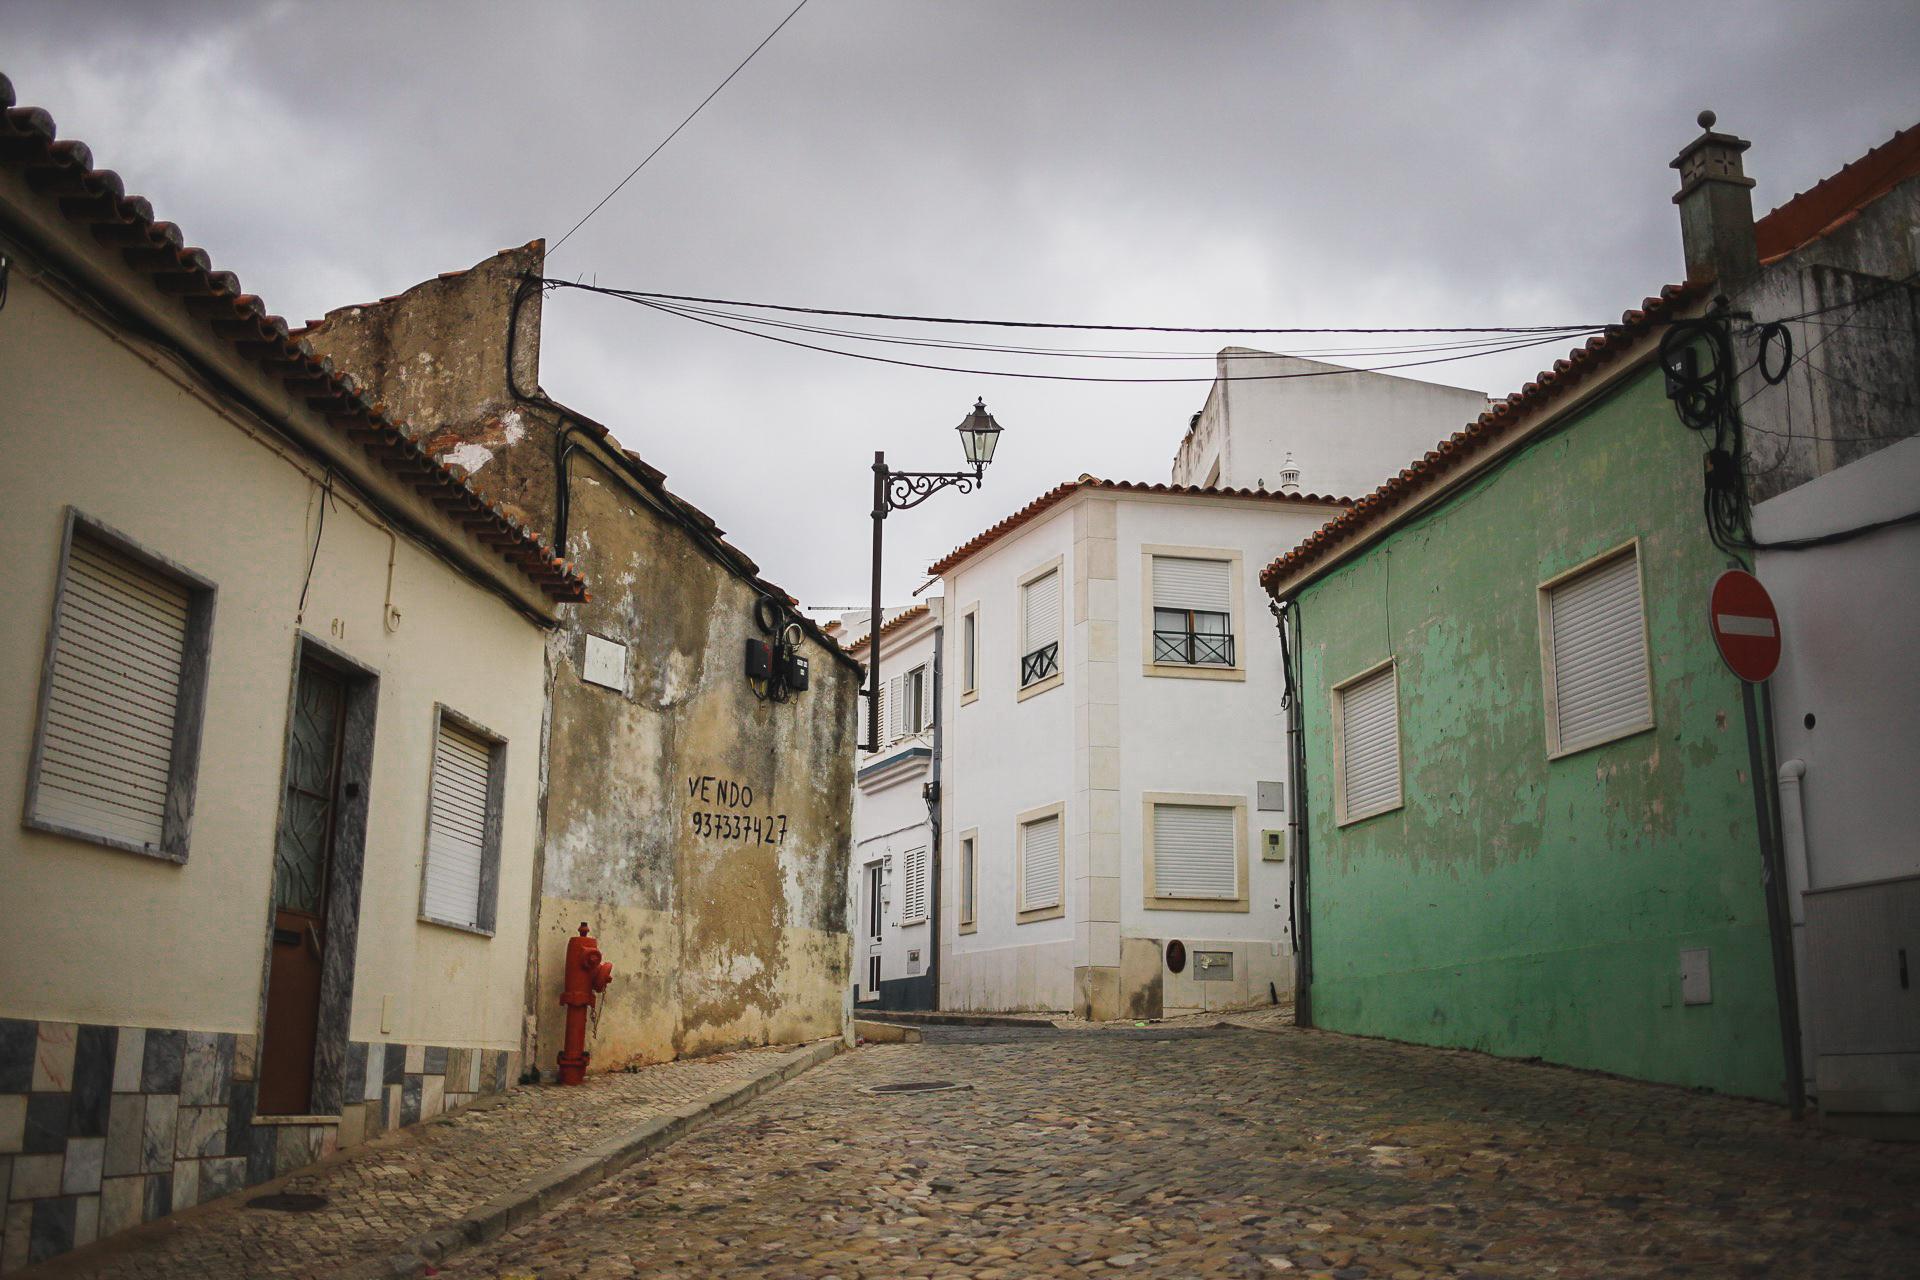 Portugal_IMG_7116_Carolin-Weinkopf